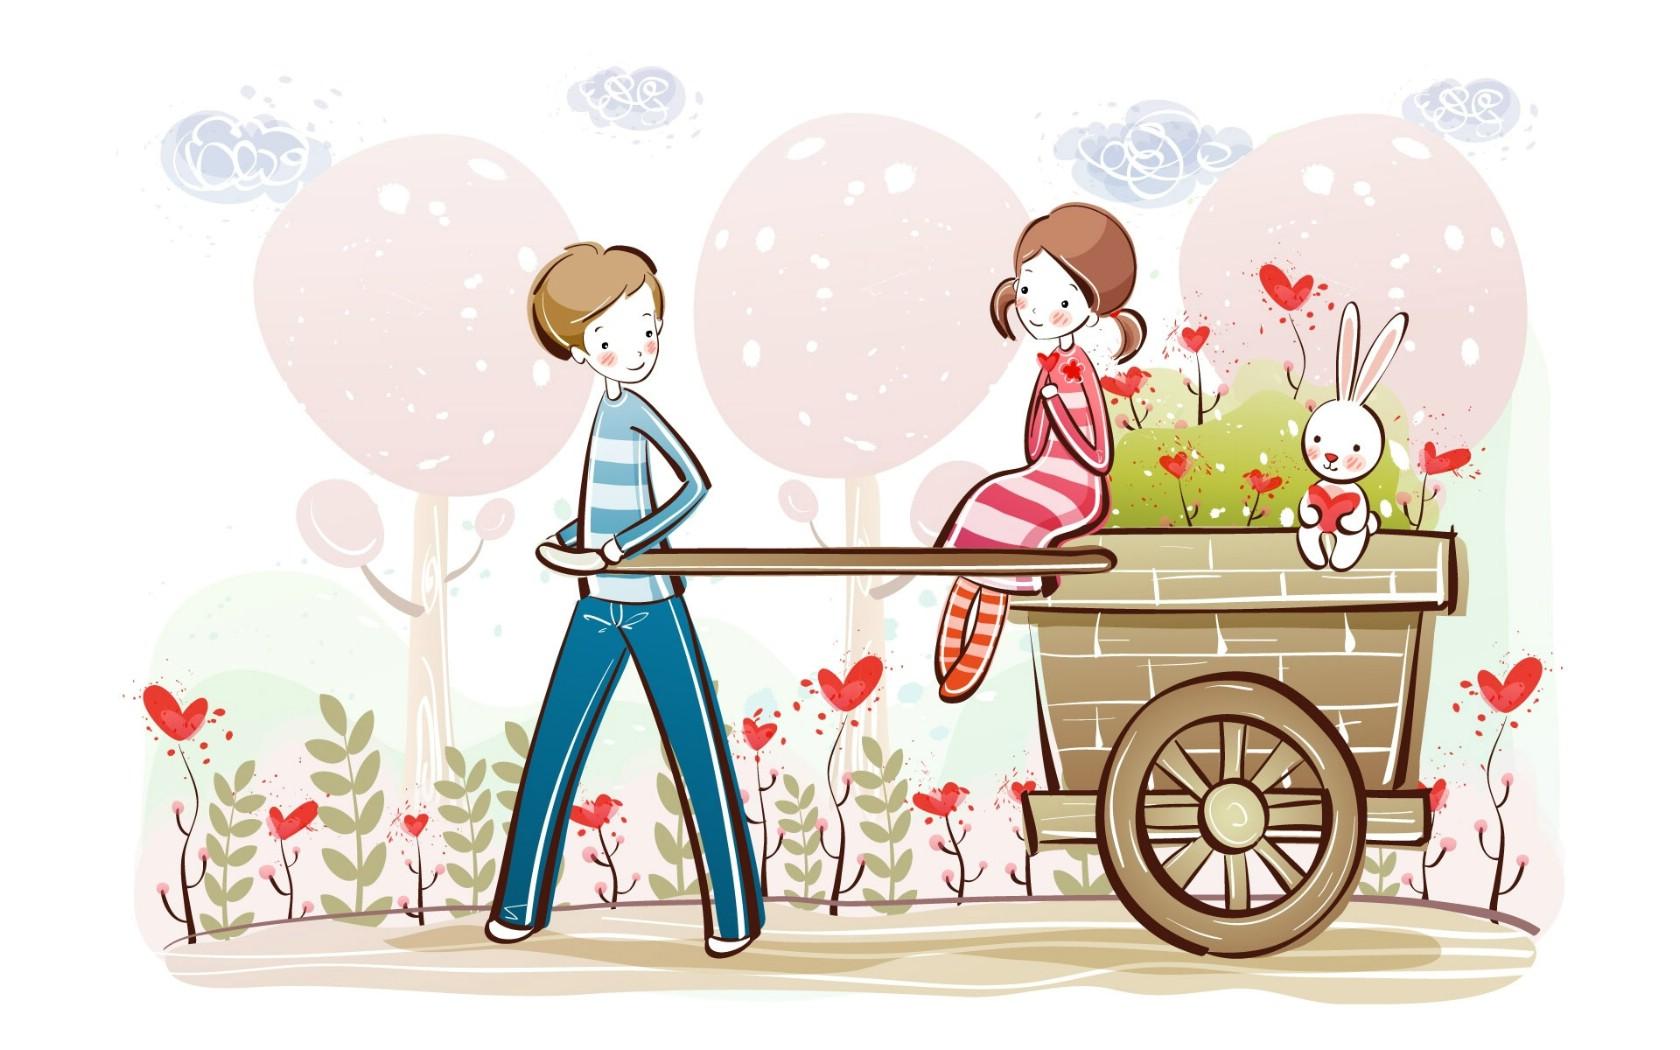 壁纸1680×1050爱情宽屏卡通壁纸下载壁纸 爱情宽屏卡通壁纸下载壁纸图片动漫壁纸动漫图片素材桌面壁纸